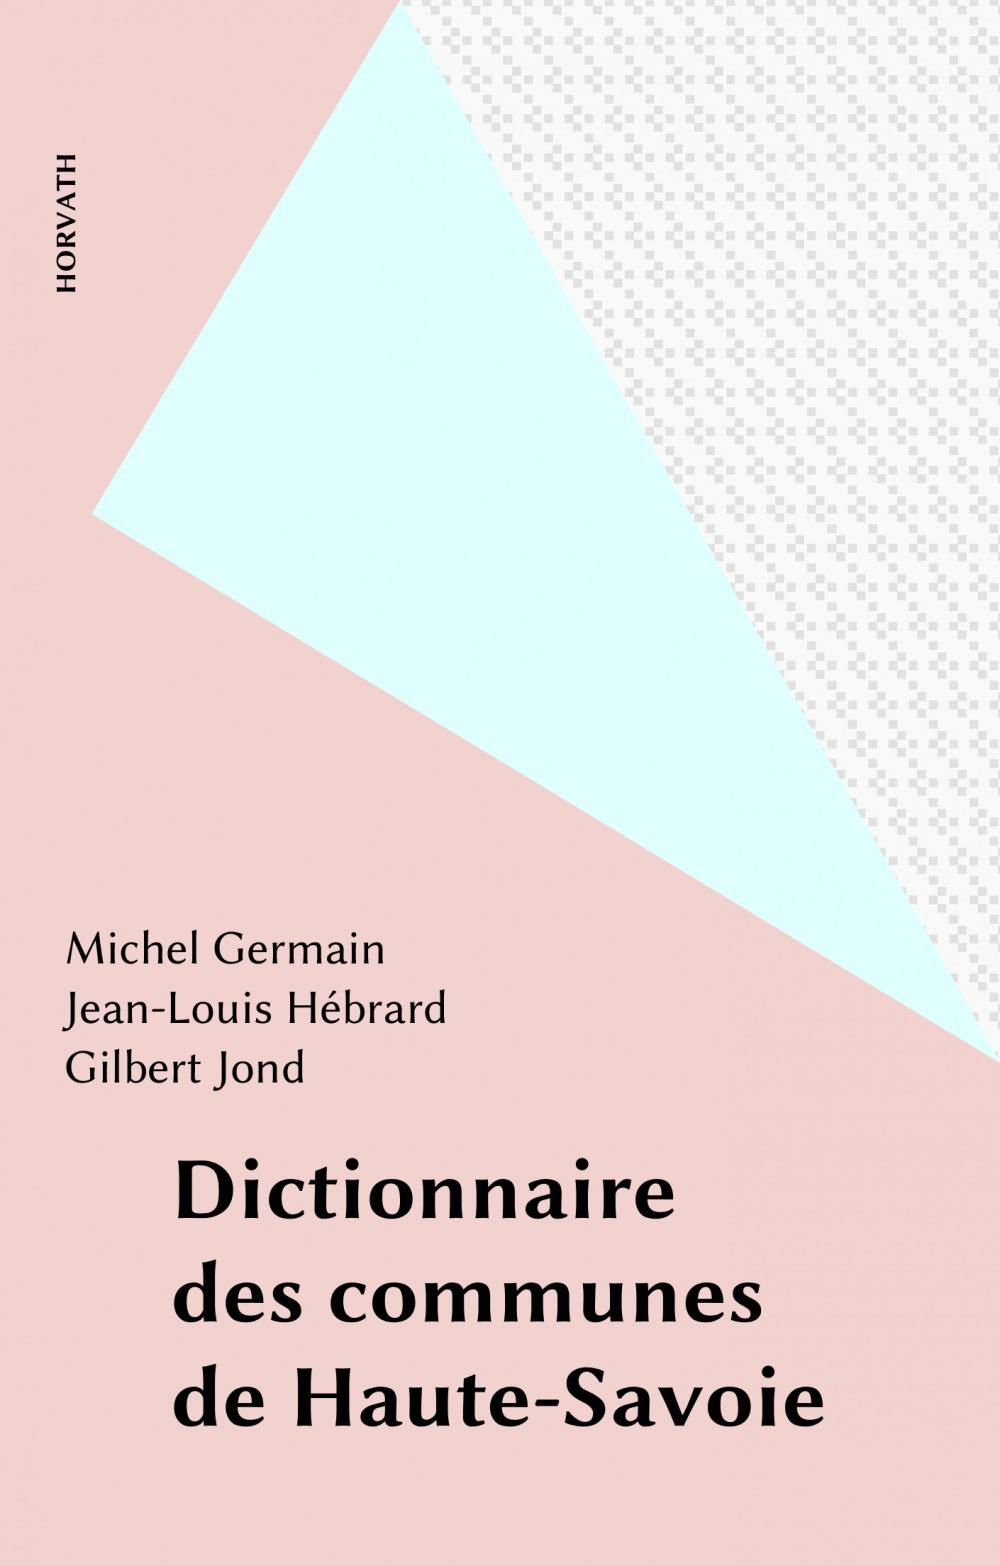 Dictionnaire des communes de haute savoie